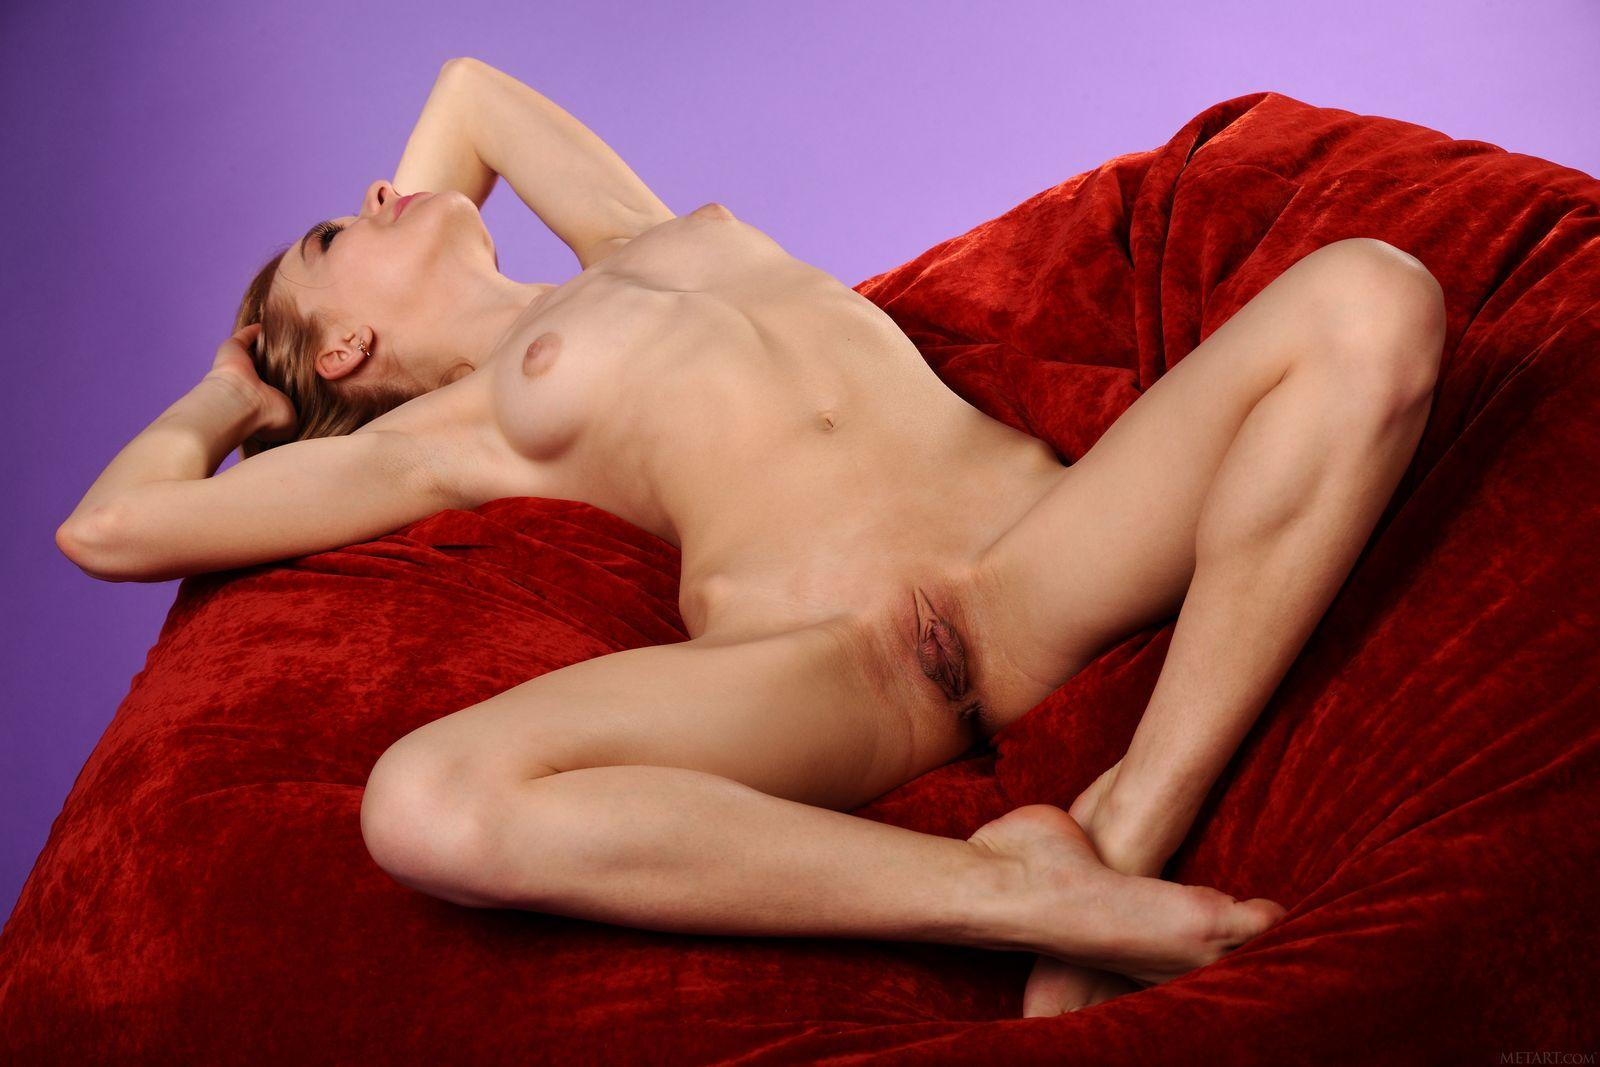 Нагая Келси на красном кресле